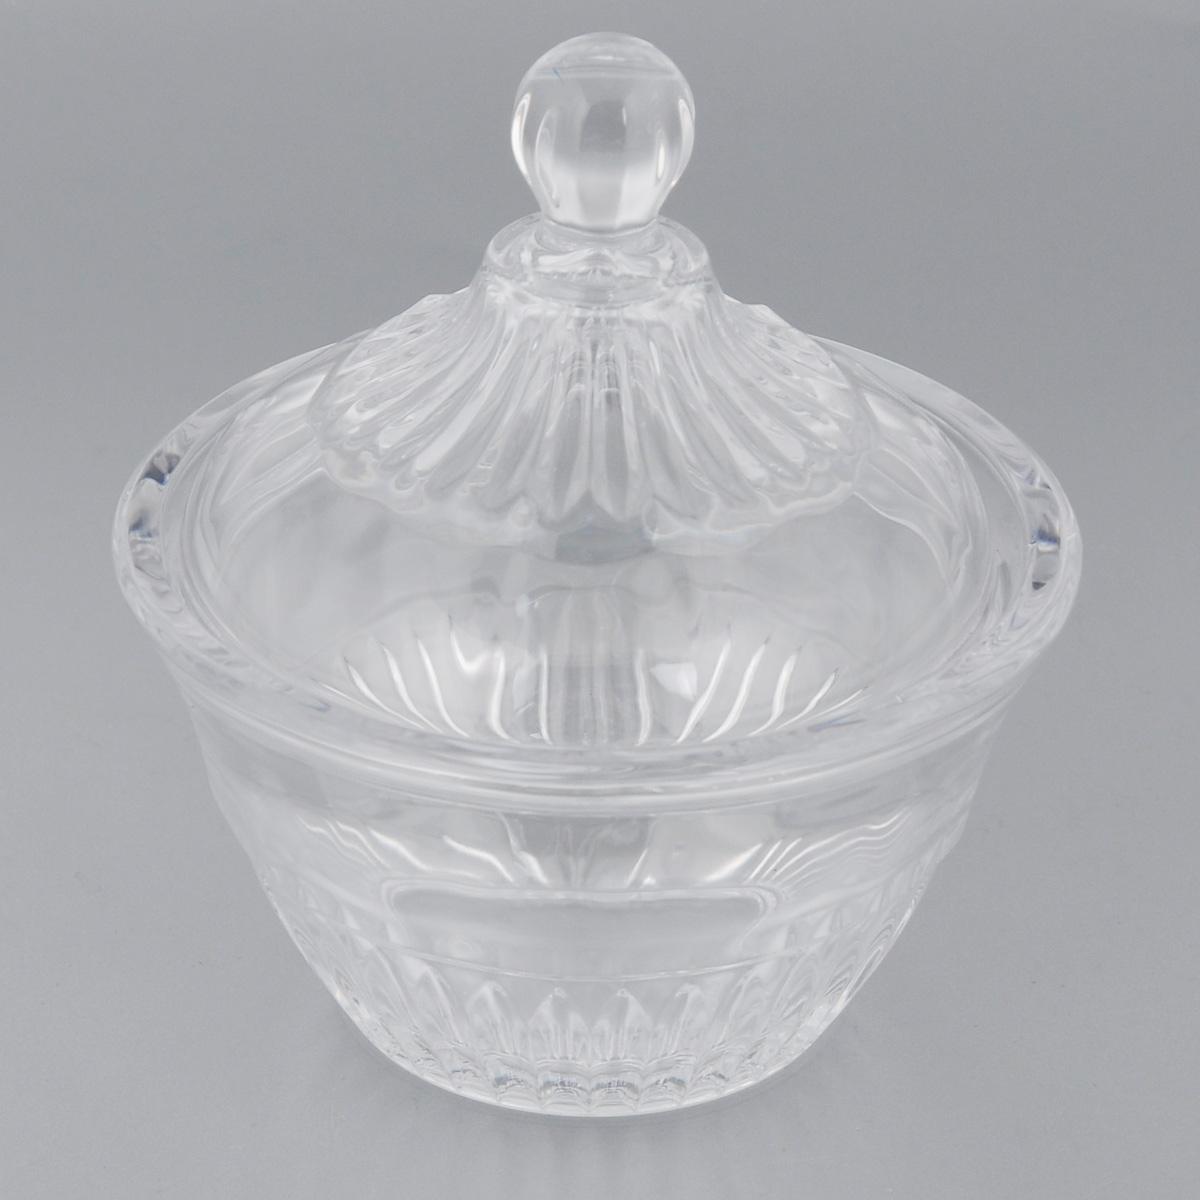 Конфетница Soga Princess, с крышкой, диаметр 11 см180856Элегантная конфетница Soga Princess, изготовленная из прочного стекла, имеет многогранную рельефную поверхность. Конфетница оснащена крышкой с удобной ручкой. Изделие предназначено для подачи сладостей (конфет, сахара, меда, изюма, орехов и многого другого). Она придает легкость, воздушность сервировке стола и создаст особую атмосферу праздника. Конфетница Soga Princess не только украсит ваш кухонный стол и подчеркнет прекрасный вкус хозяина, но и станет отличным подарком для ваших близких и друзей. Можно мыть в посудомоечной машине.Диаметр конфетницы (по верхнему краю): 11 см.Высота конфетницы (с учетом крышки): 12,5 см.